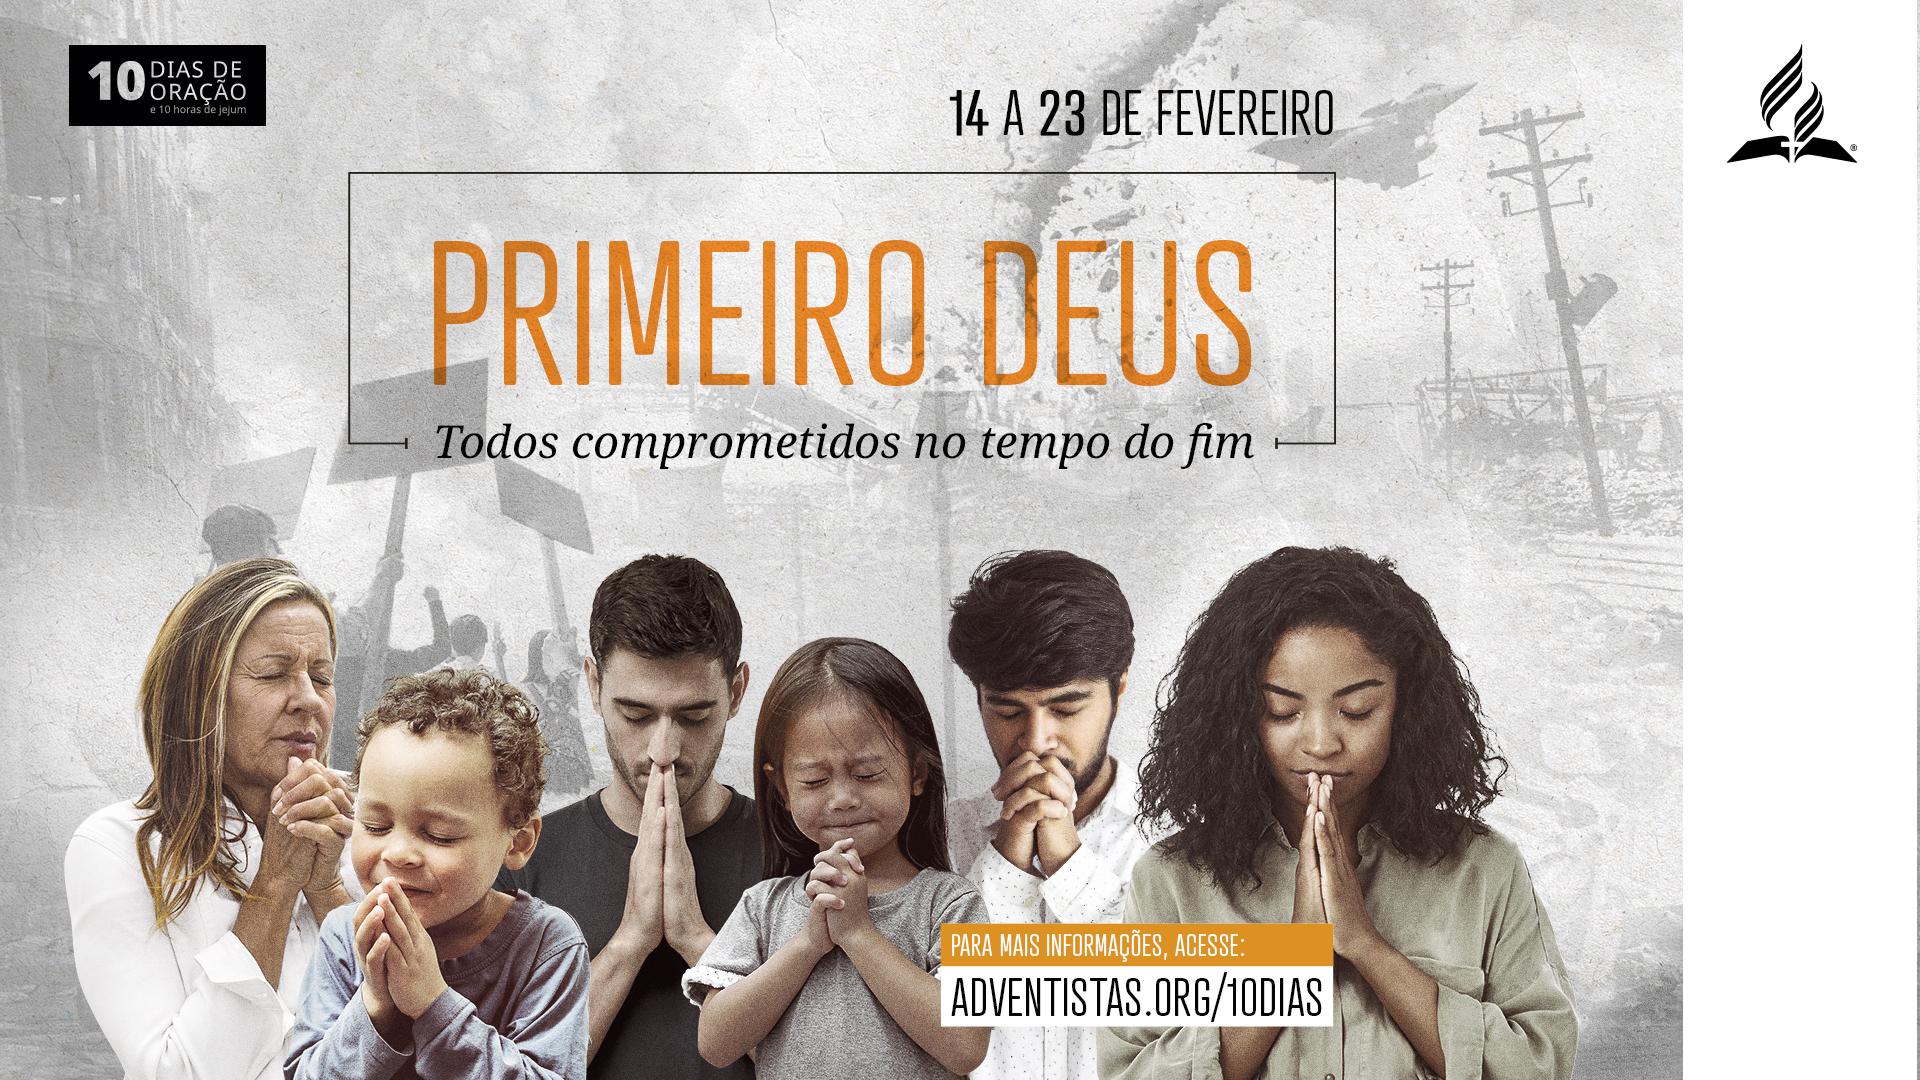 10 Dias de Oração 2019